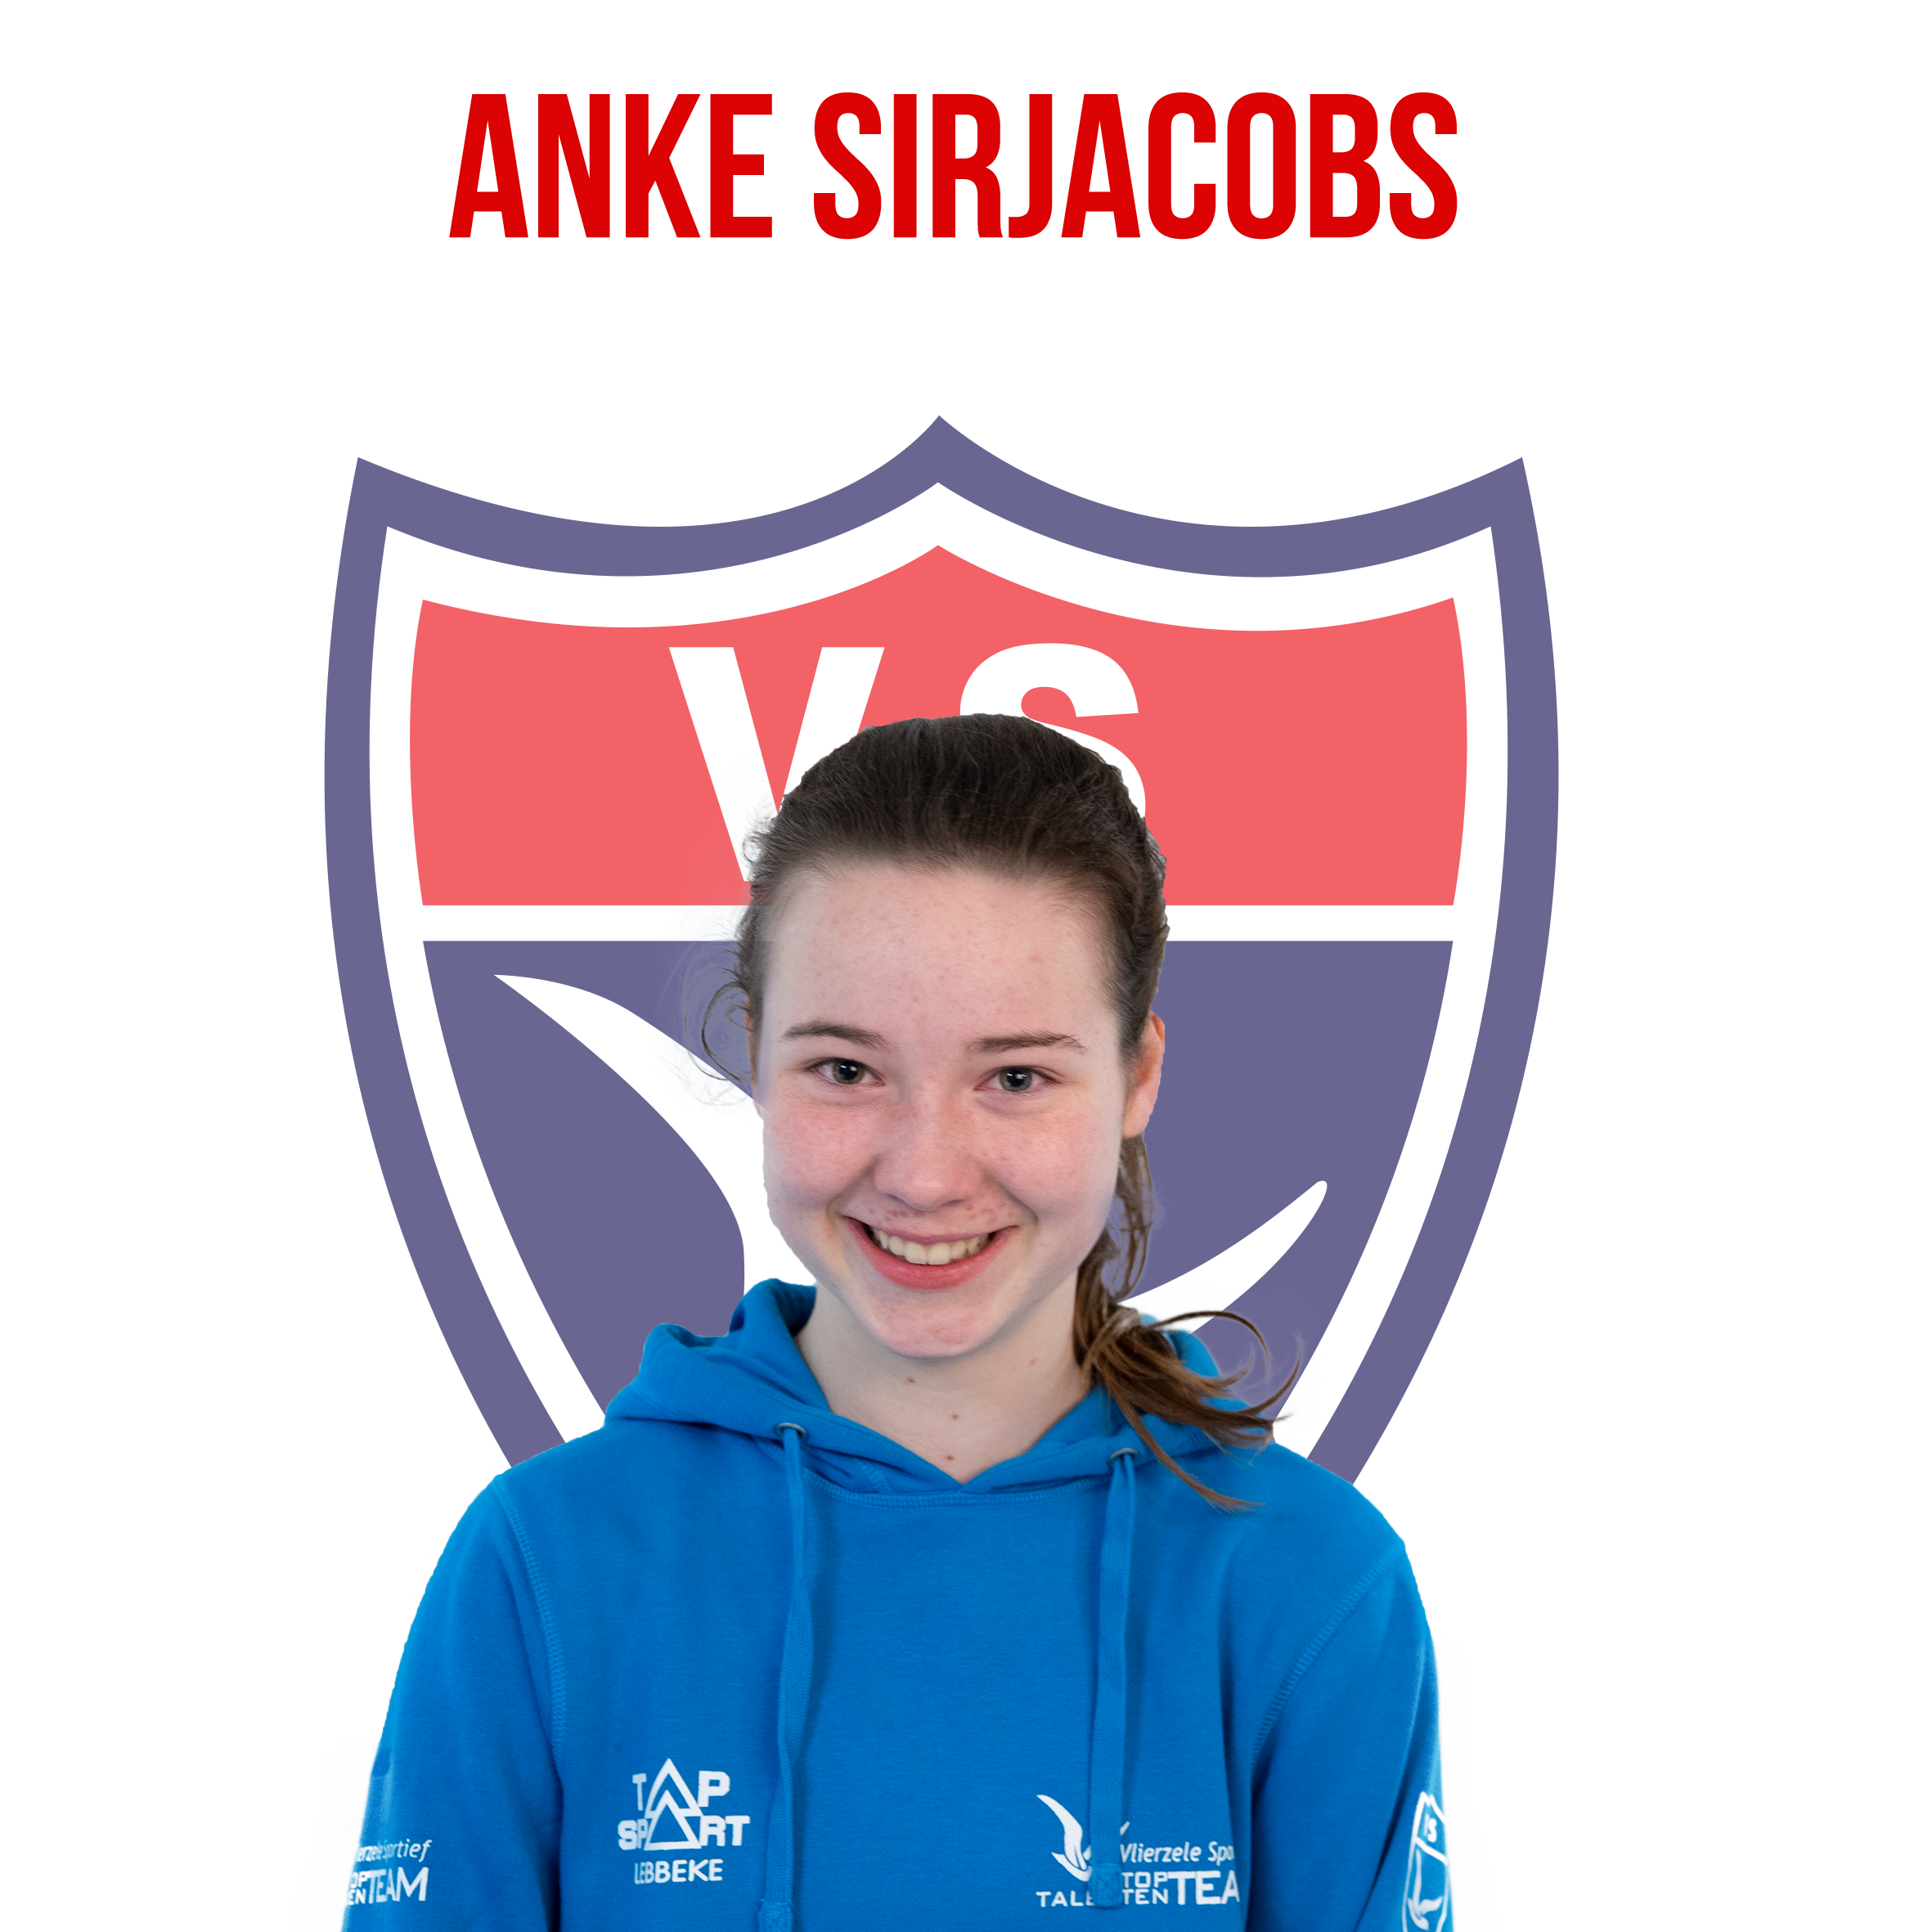 sirjacobs_anke